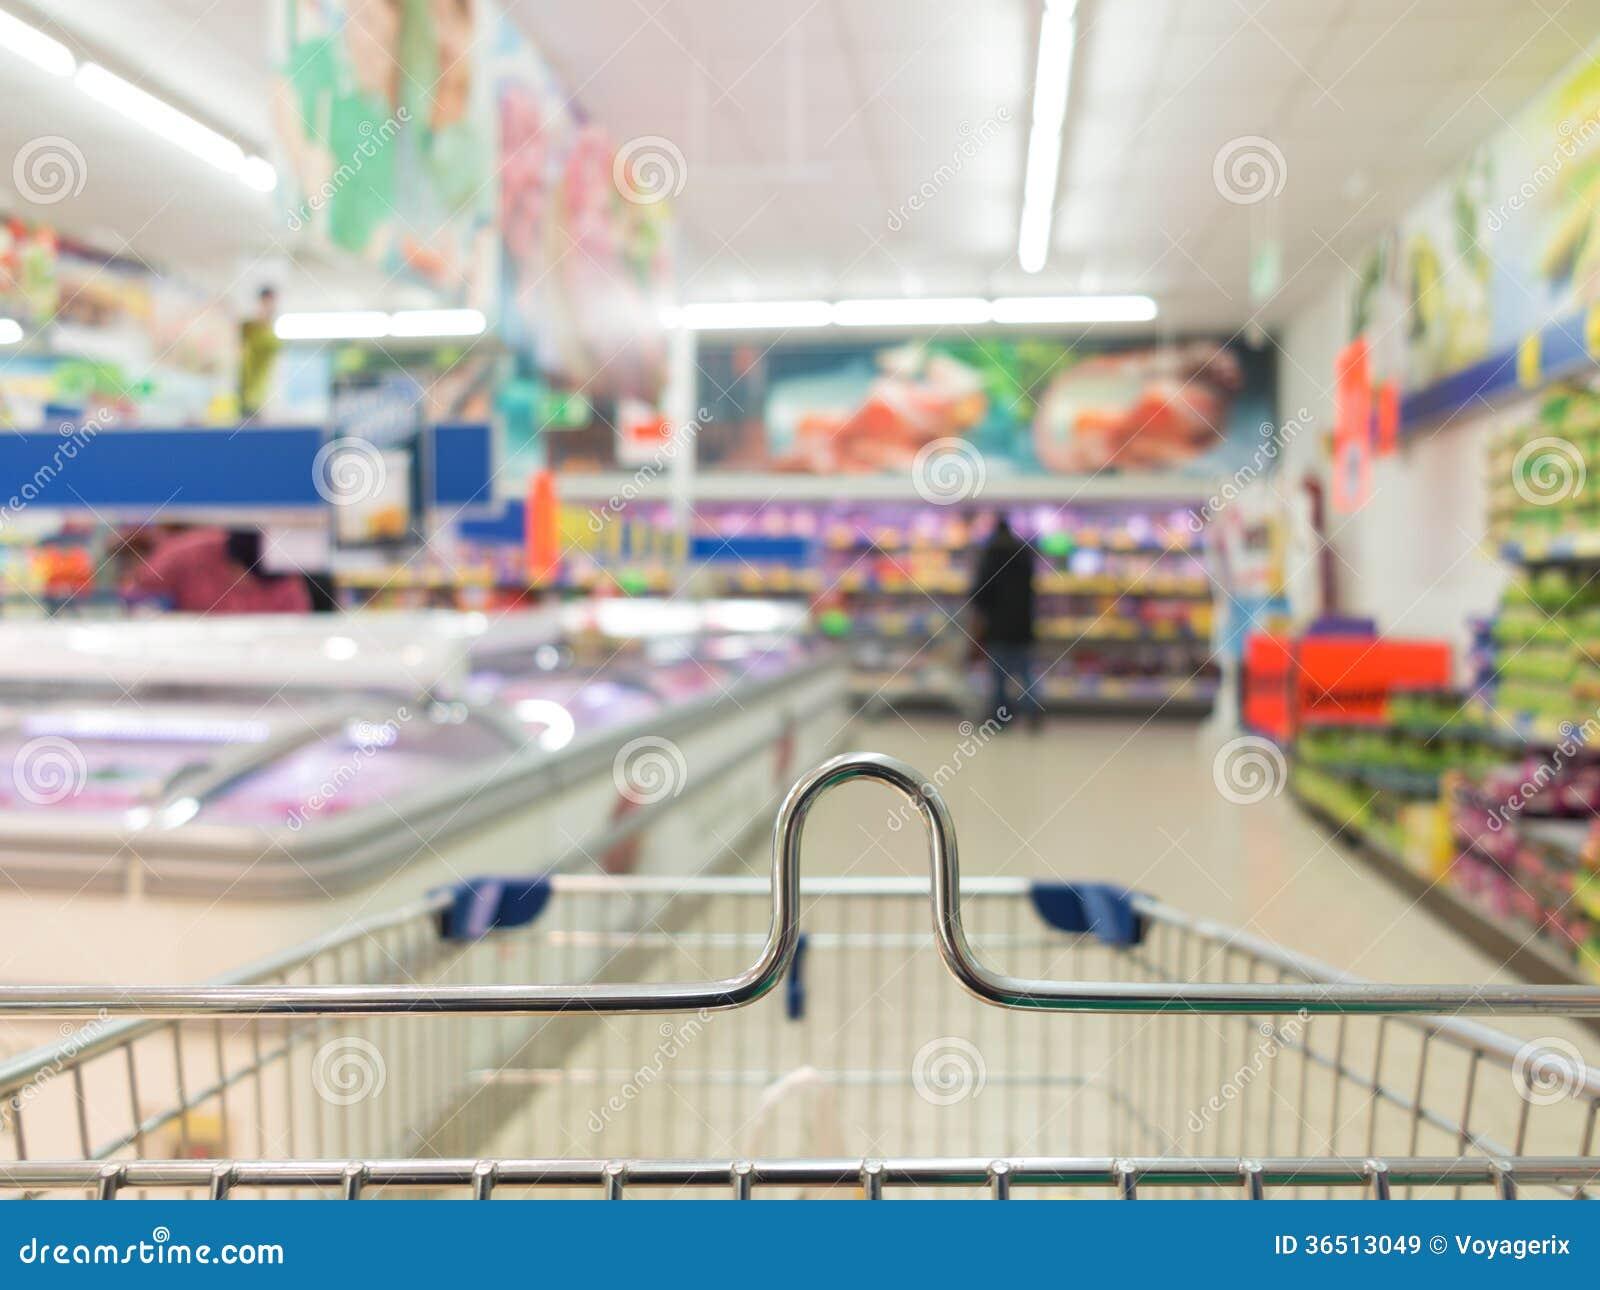 Vue de chariot à caddie à la boutique de supermarché. Vente au détail.